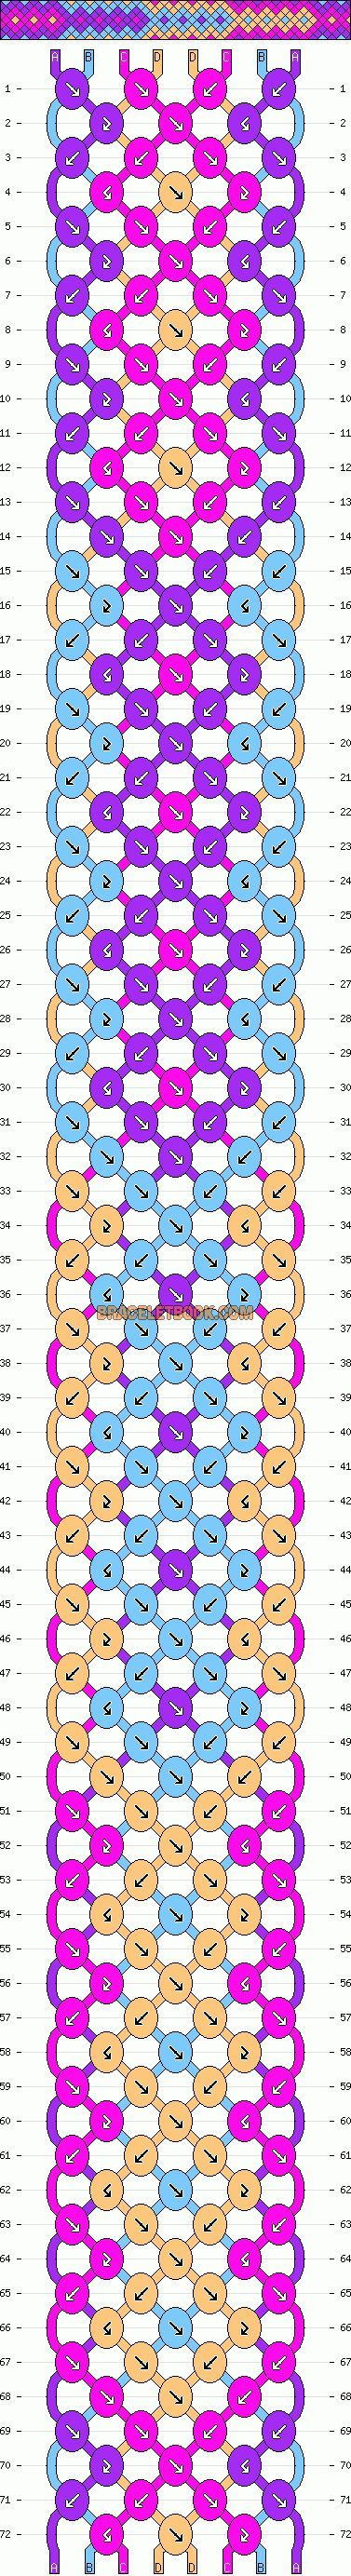 Grant Arrowhead Pattern For Friendship Bracelets